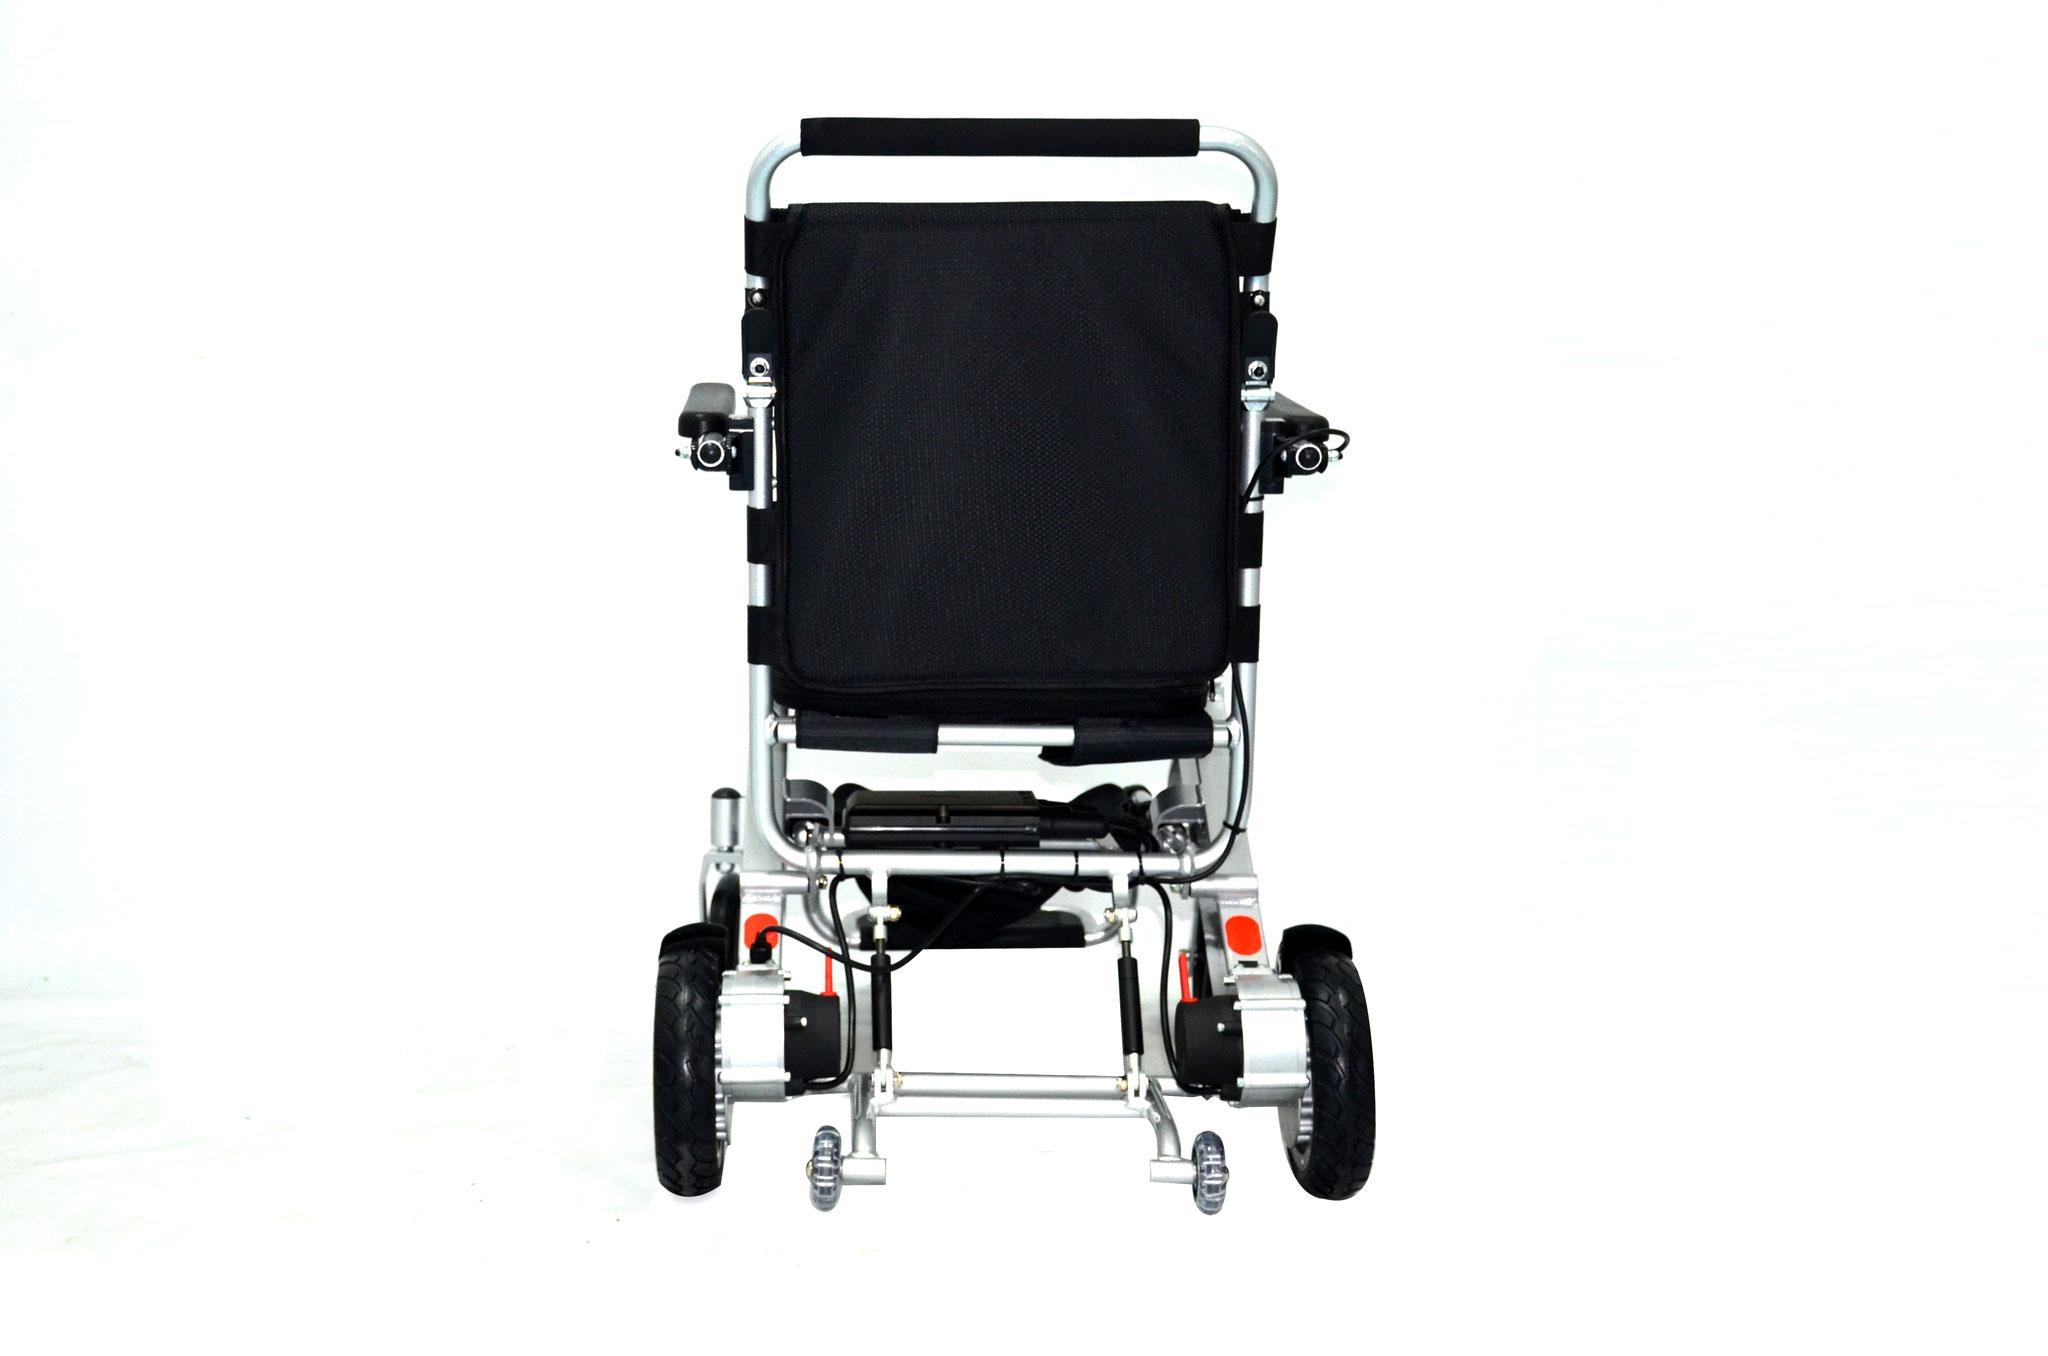 Das intelligente elektromagnetische Bremssystem sorgt für höchste Sicherheit: Wenn im Fahrbetrieb der Joystick losgelassen wird, bremst der Rollstuhl automatisch ab.